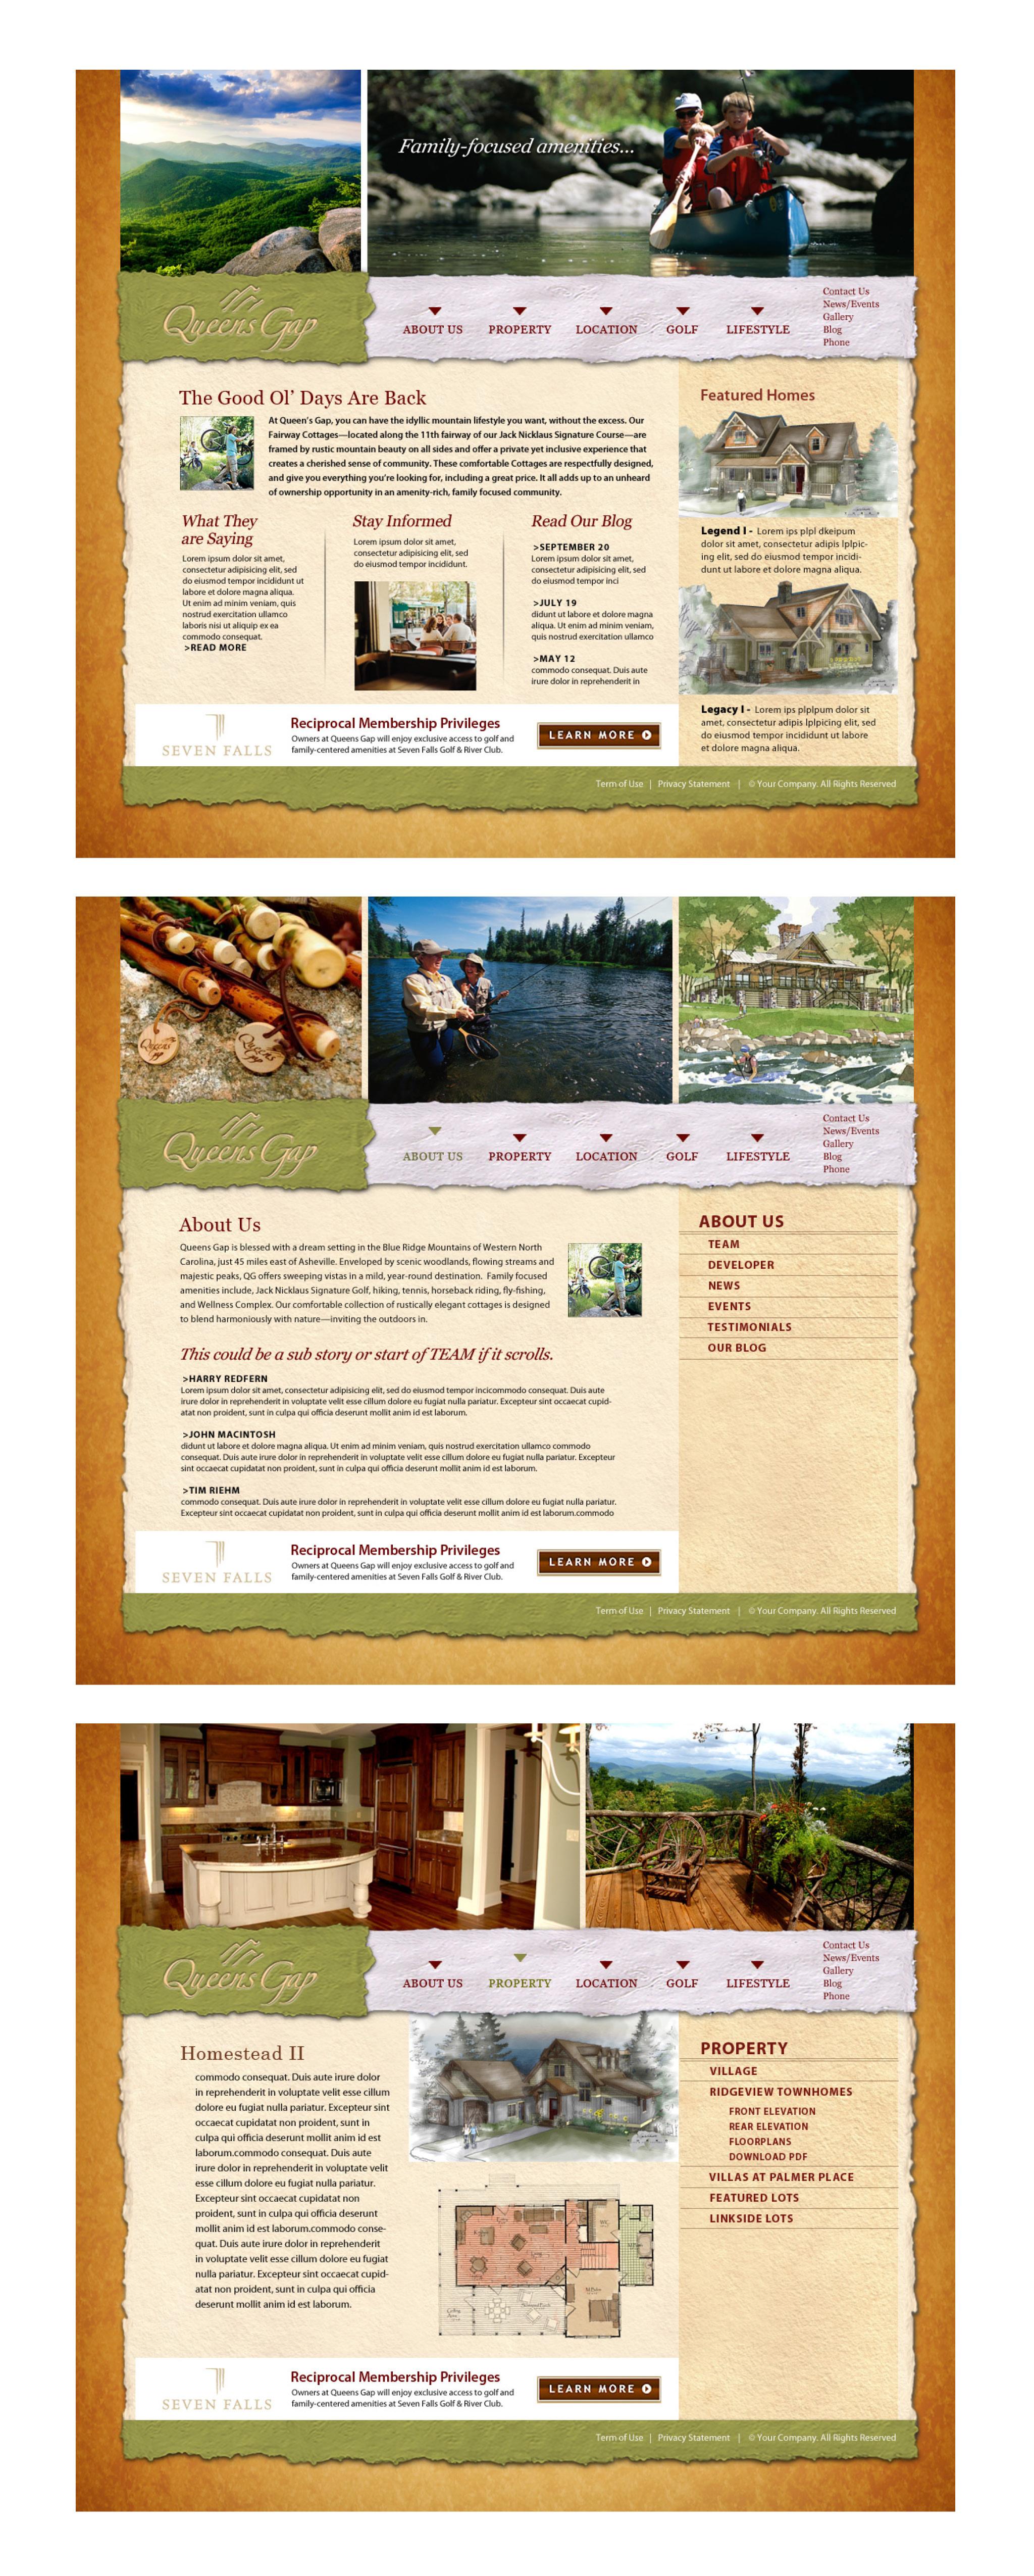 Queen's Gap Mountain Resort Community Web Site